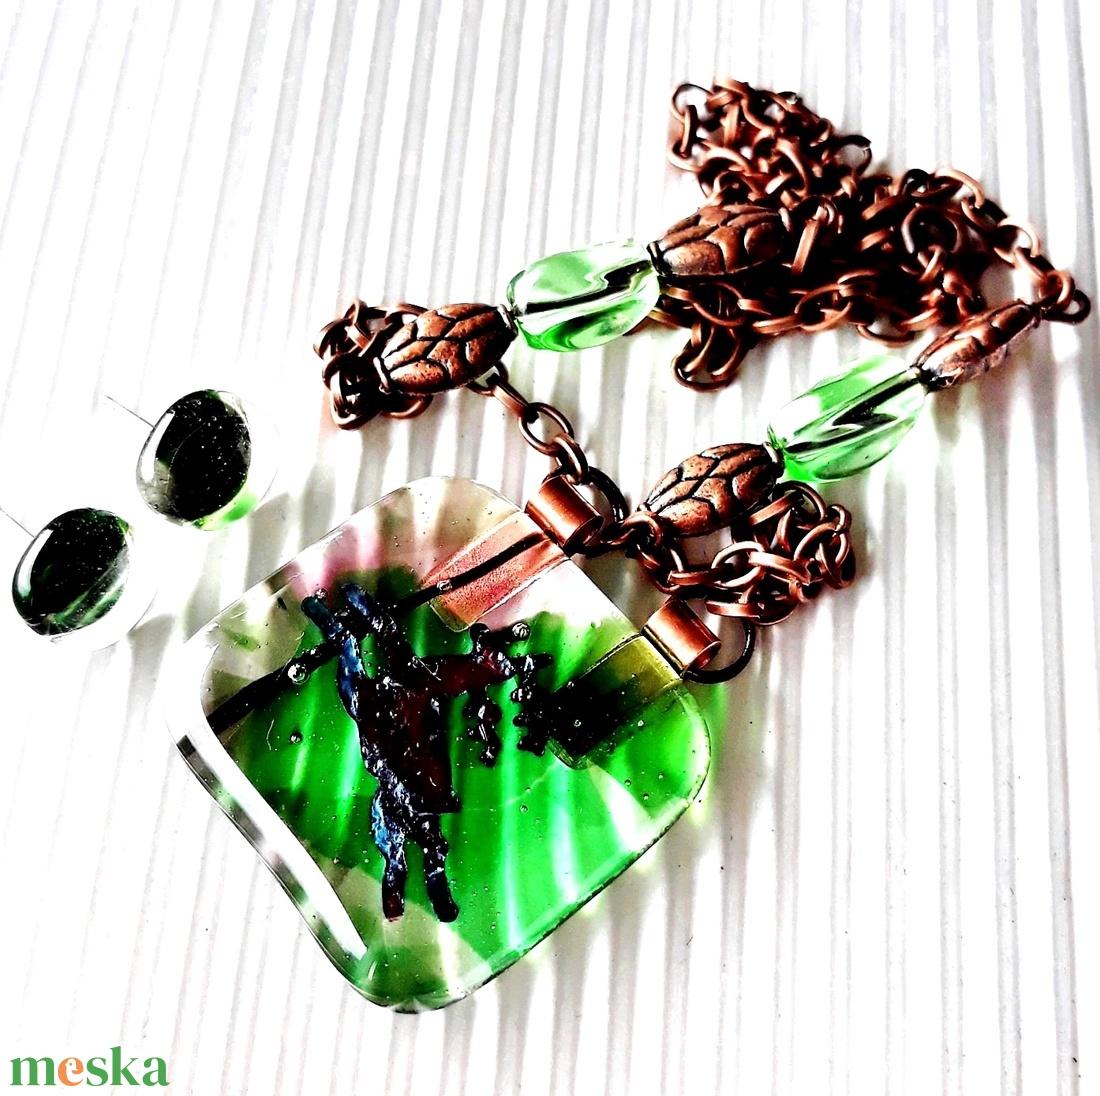 Tavaszi erdő üvegékszer nyaklánc, vörösréz színű láncon, ajándék fülbevalóval, üvegékszer szett, gyöngyékszer - ékszer - ékszerszett - Meska.hu